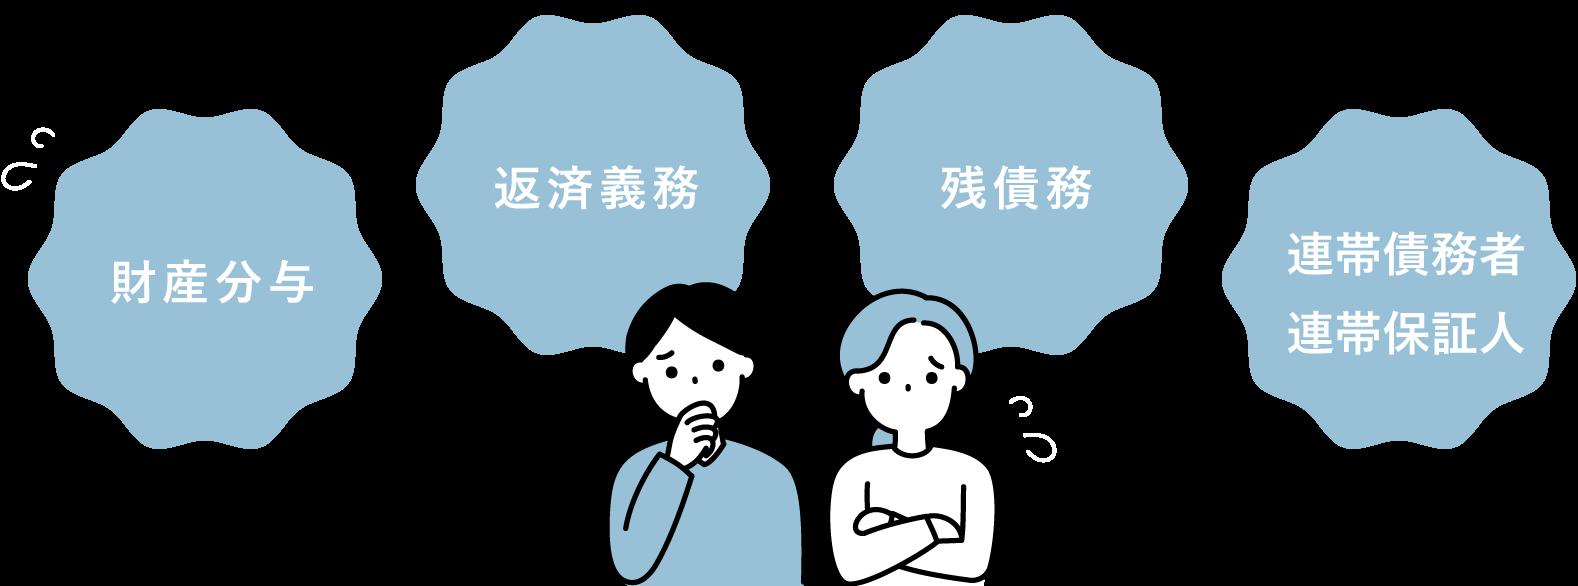 財産分与 返済義務 残債務 連帯債務者・連帯保証人